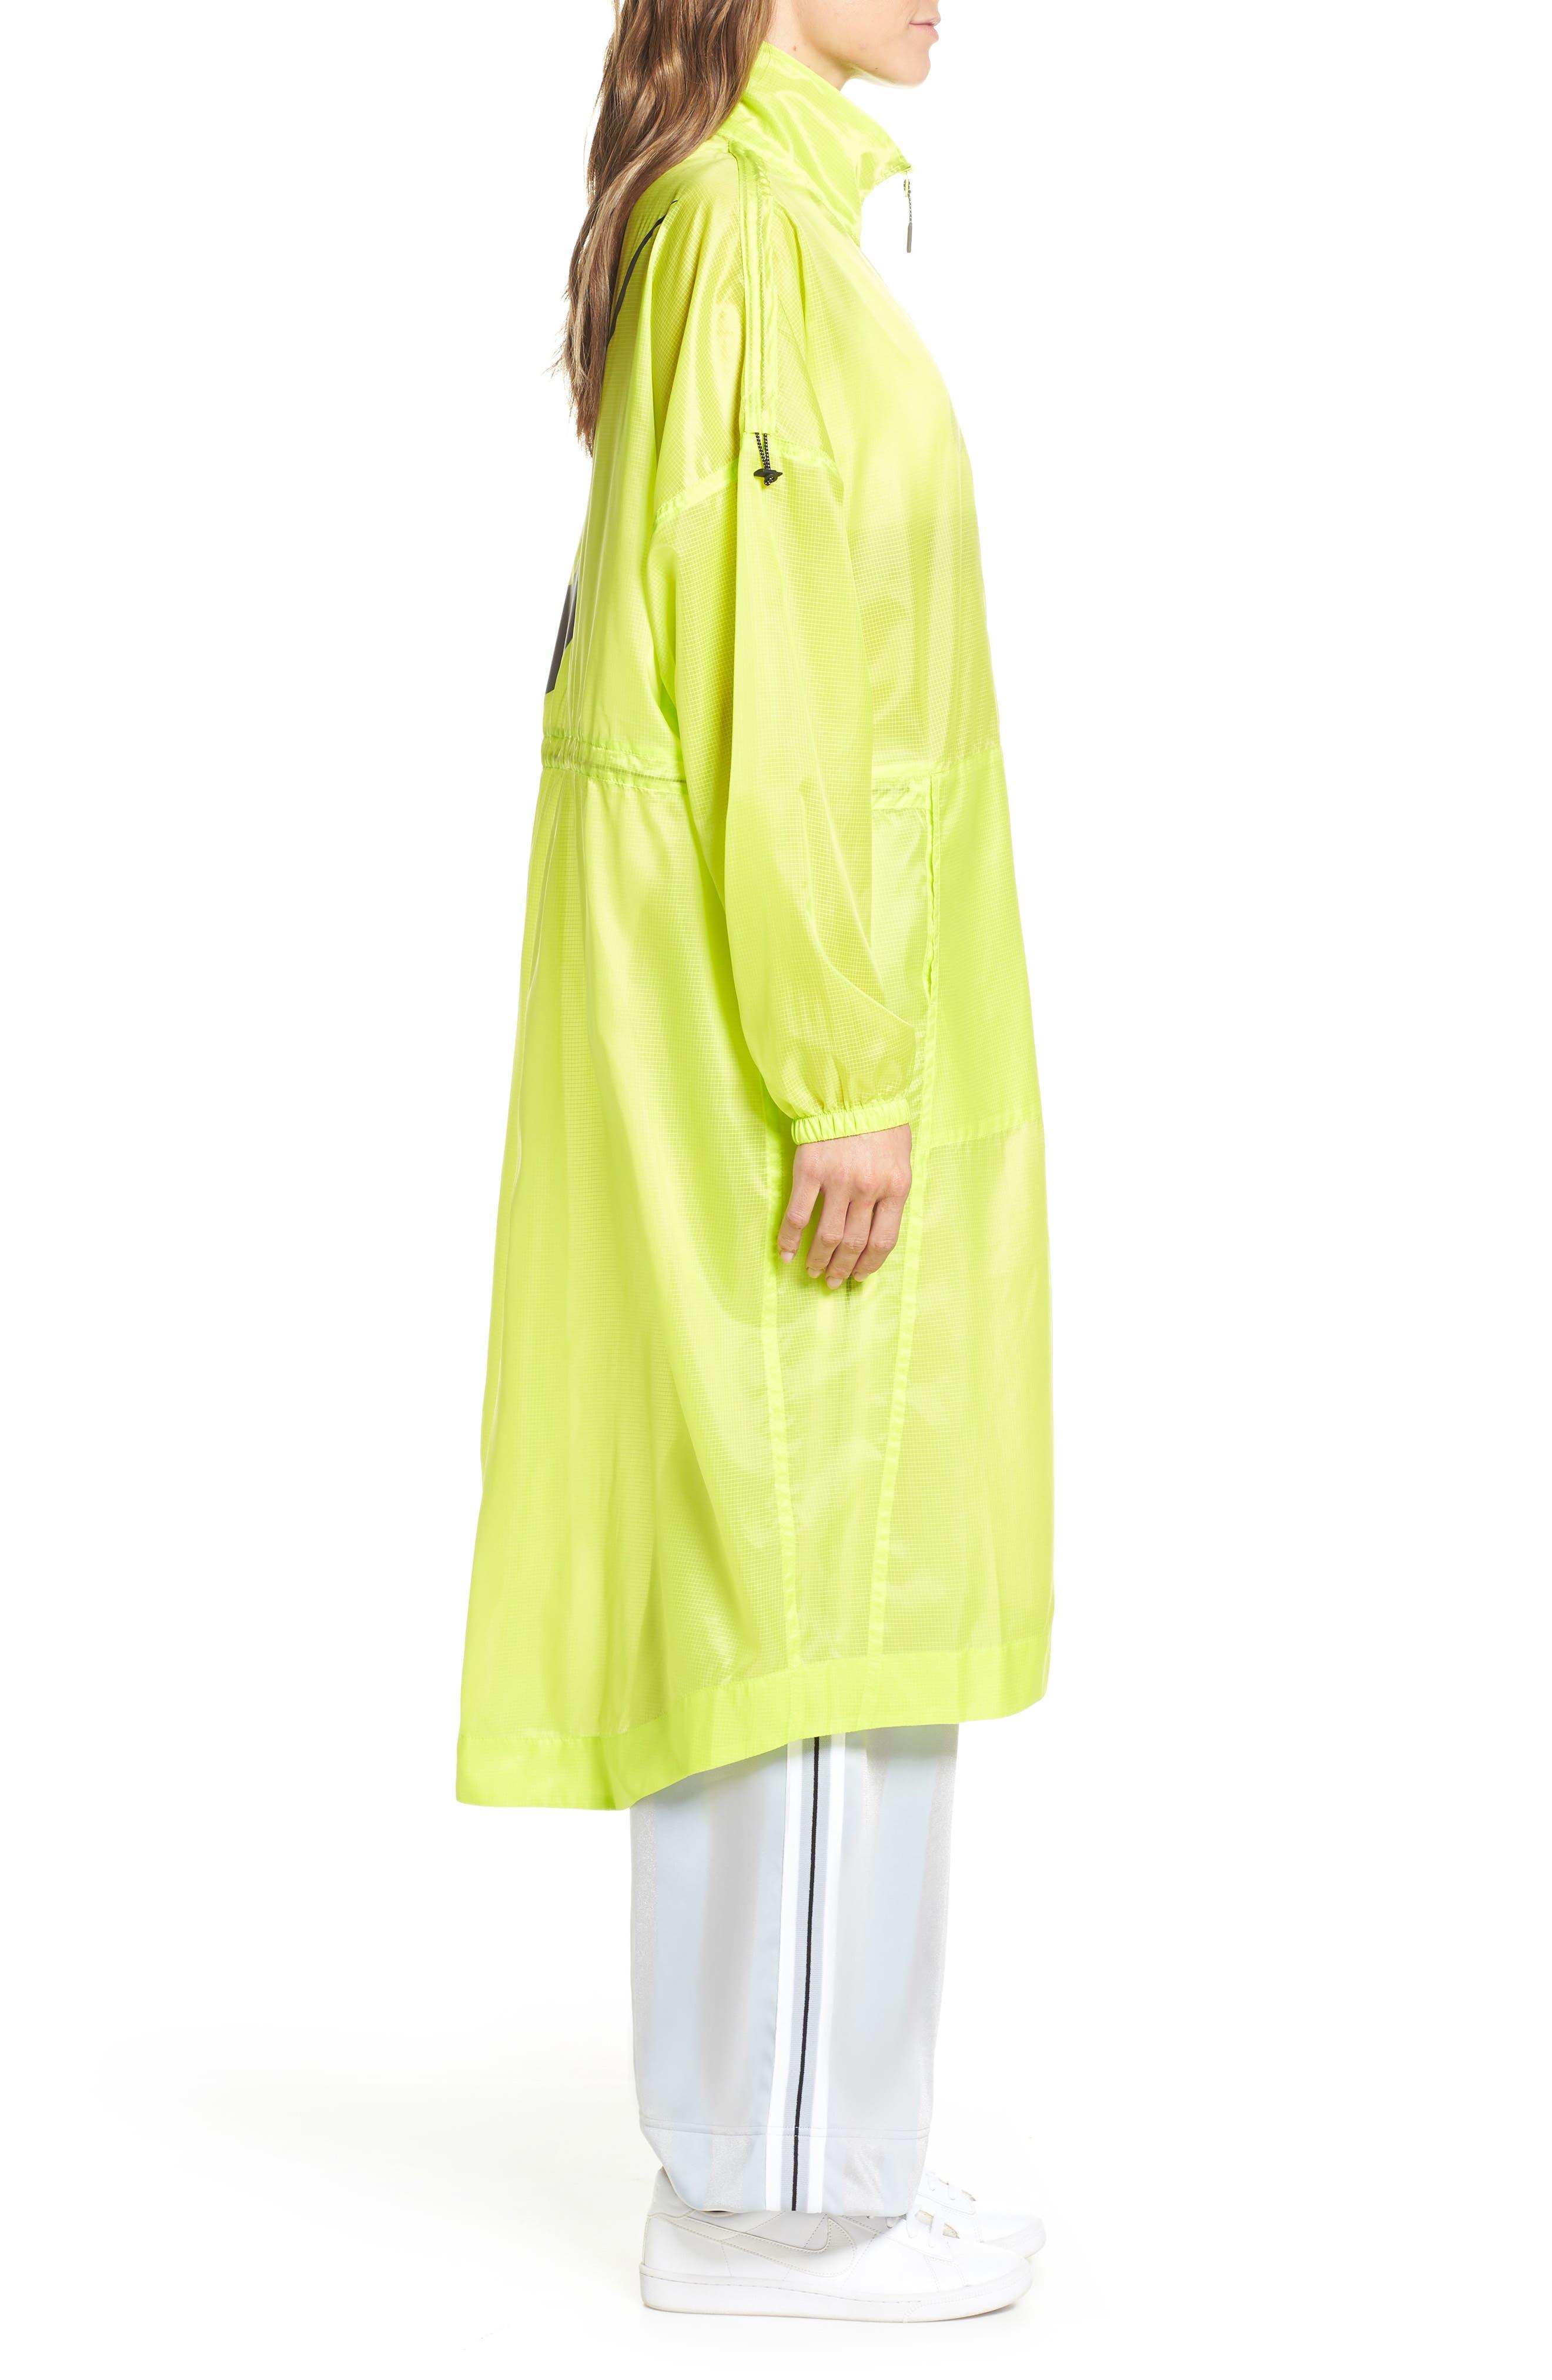 NIKE,                             Sportswear Women's Woven Jacket,                             Alternate thumbnail 3, color,                             CYBER/ BLACK